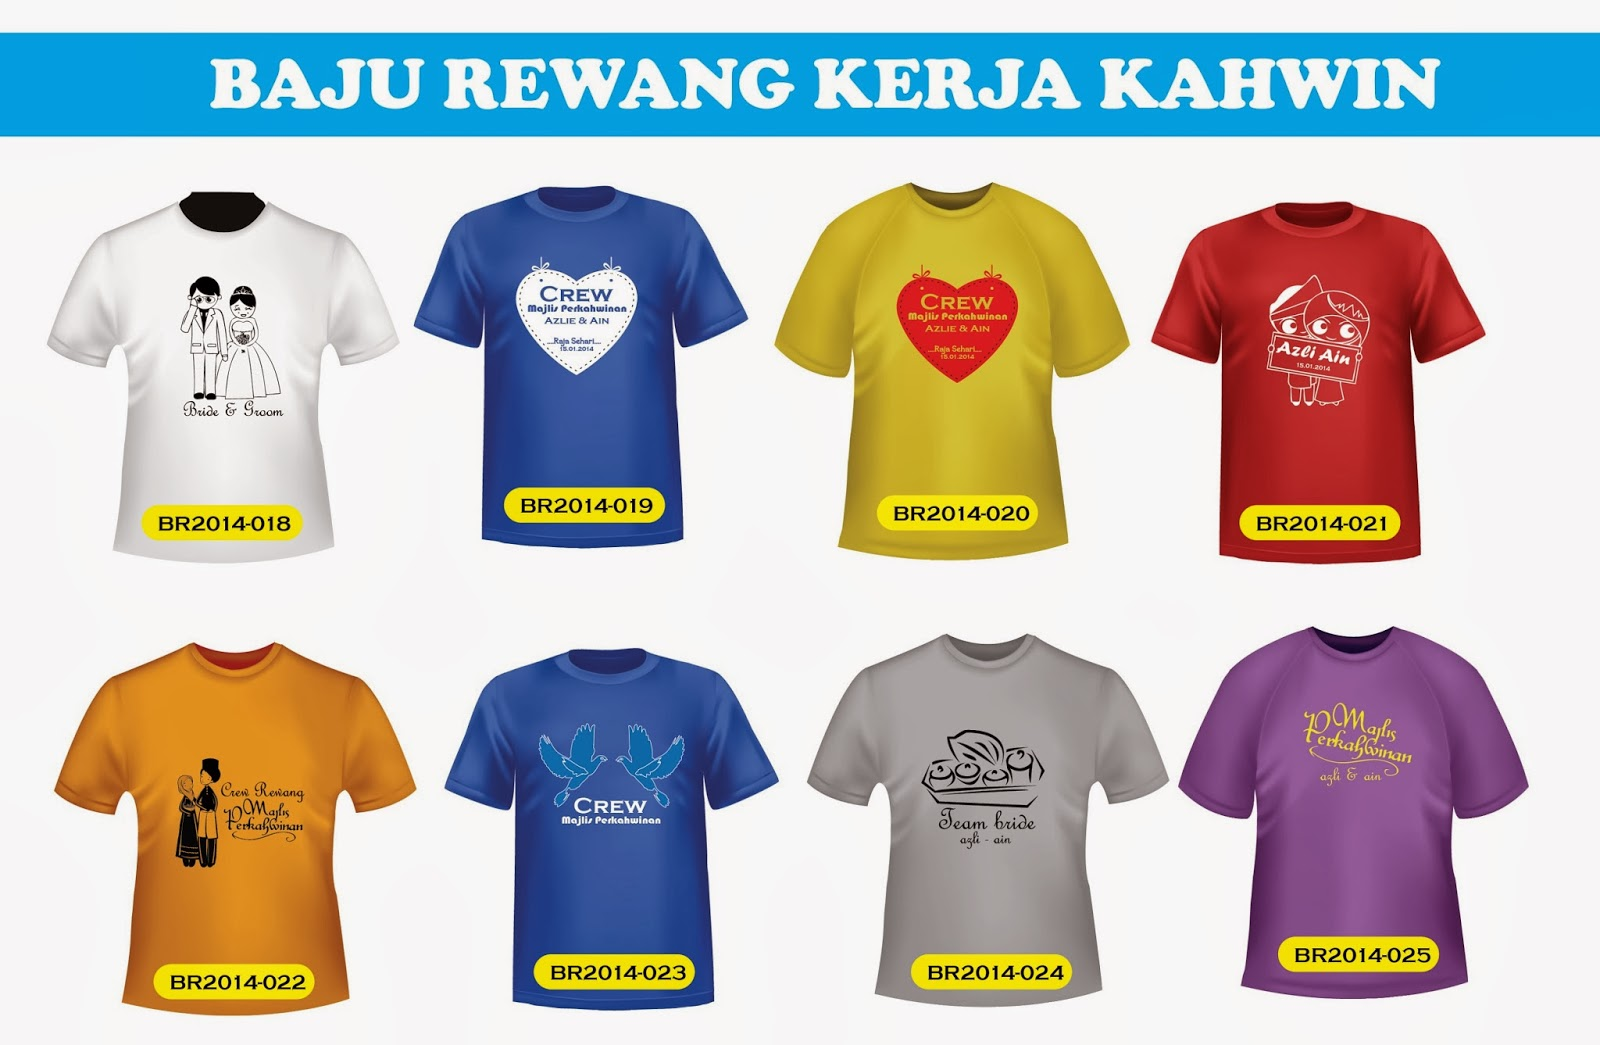 Design t shirt rewang - New Design Tshirt Rewang Kerja Kahwin Minimum 20pcs Sahaja Rm13 Pcs One Colour Printing One Side 100 Cotton